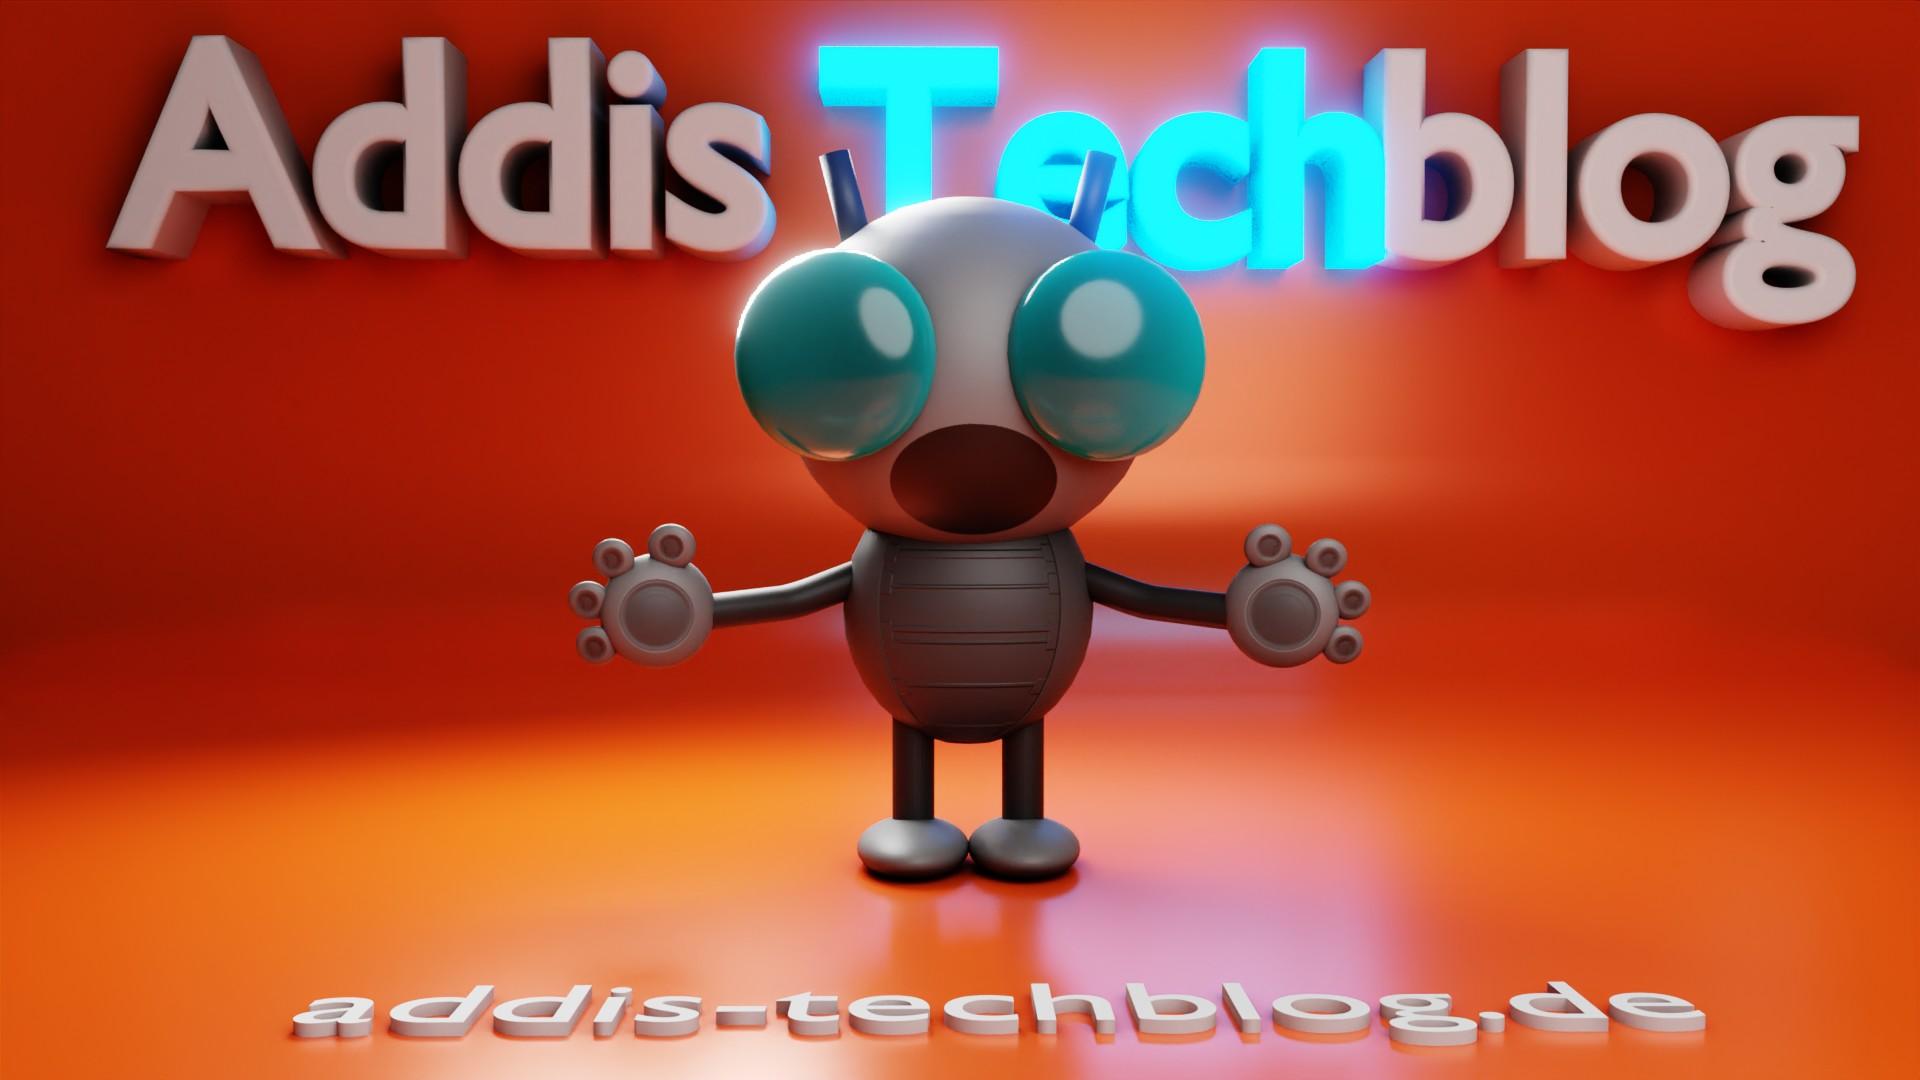 Addis Techblog Logo mit Blender in 3D